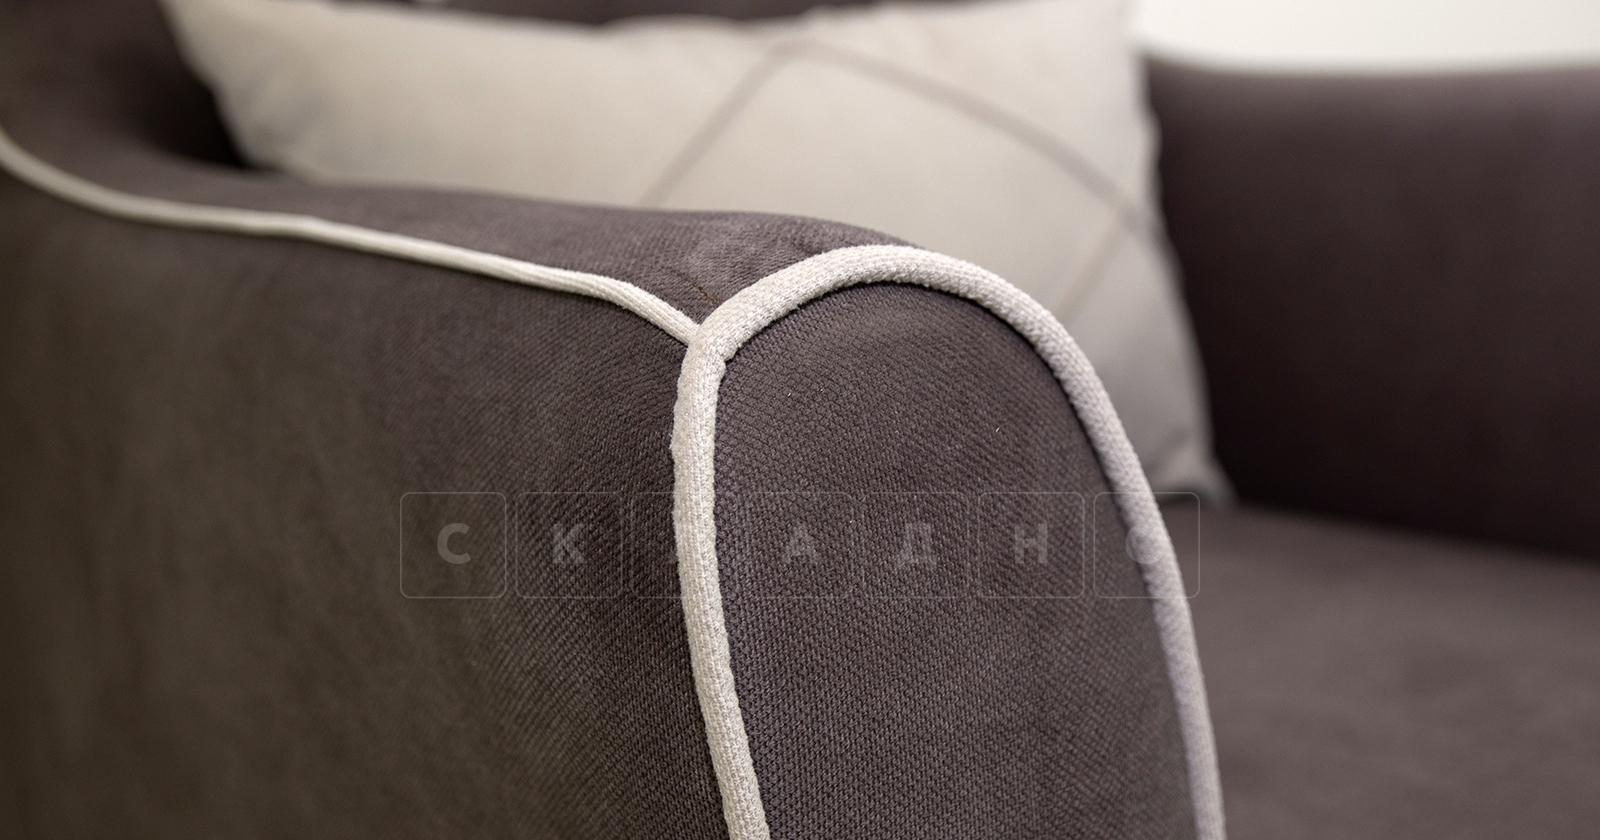 Кресло для отдыха Флэтфорд шоколад фото 6 | интернет-магазин Складно